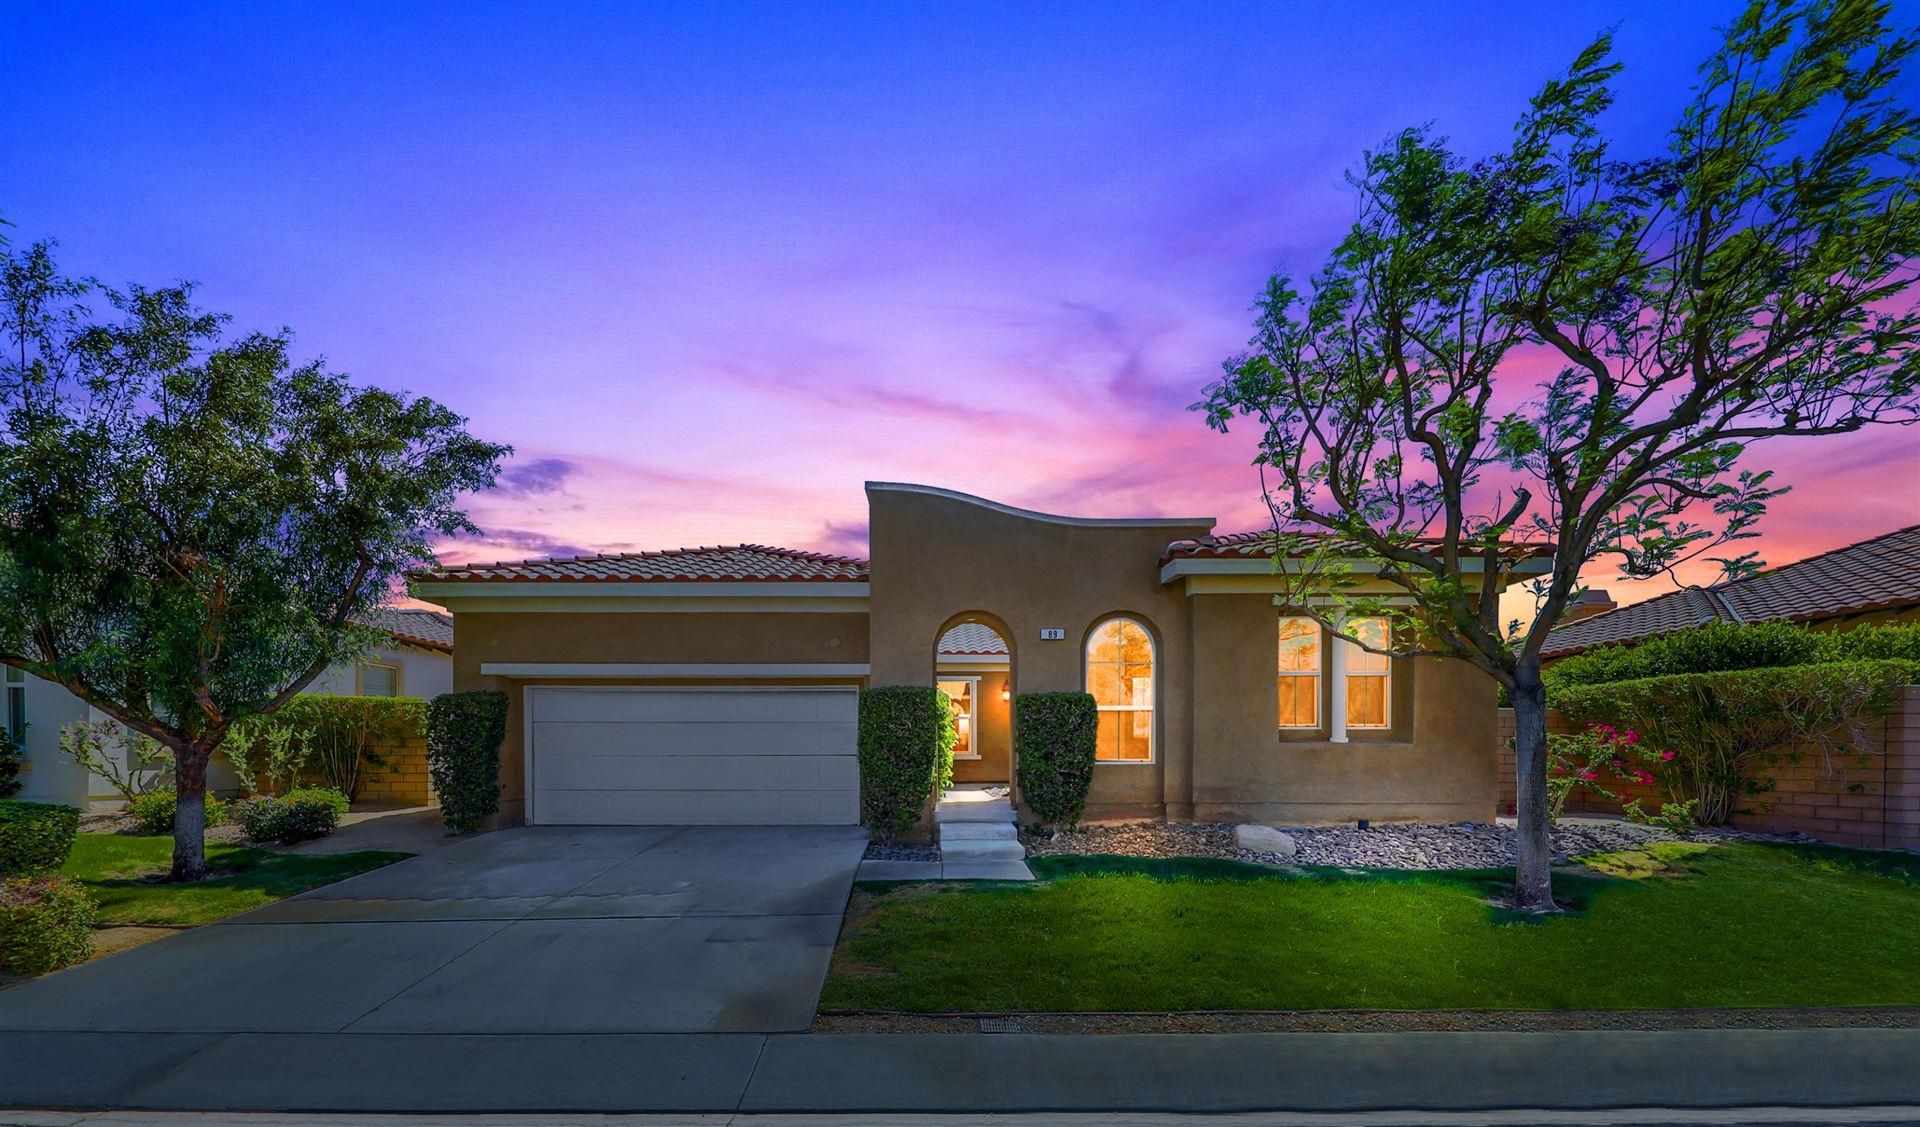 89 Shoreline Drive, Rancho Mirage, CA 92270 - MLS#: 219061524